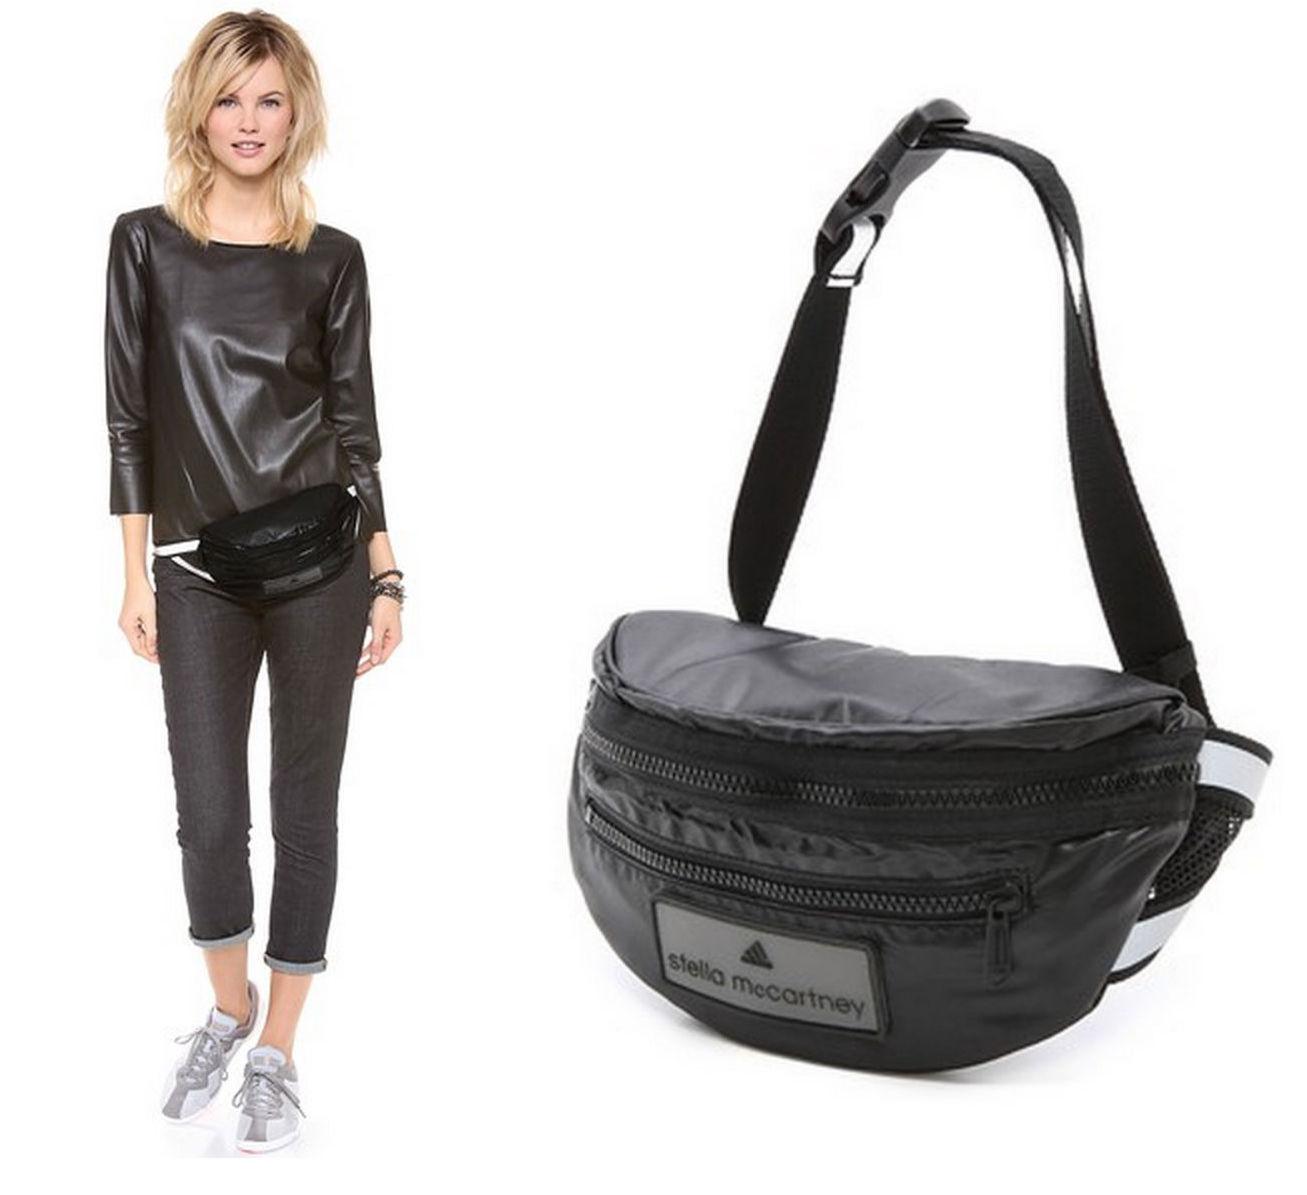 Обзор не гаджета. Выбираем лучший чехол для тренировок и другие аксессуары для смартфонов: повязки, сумки и силиконовый карман Adidas - 3